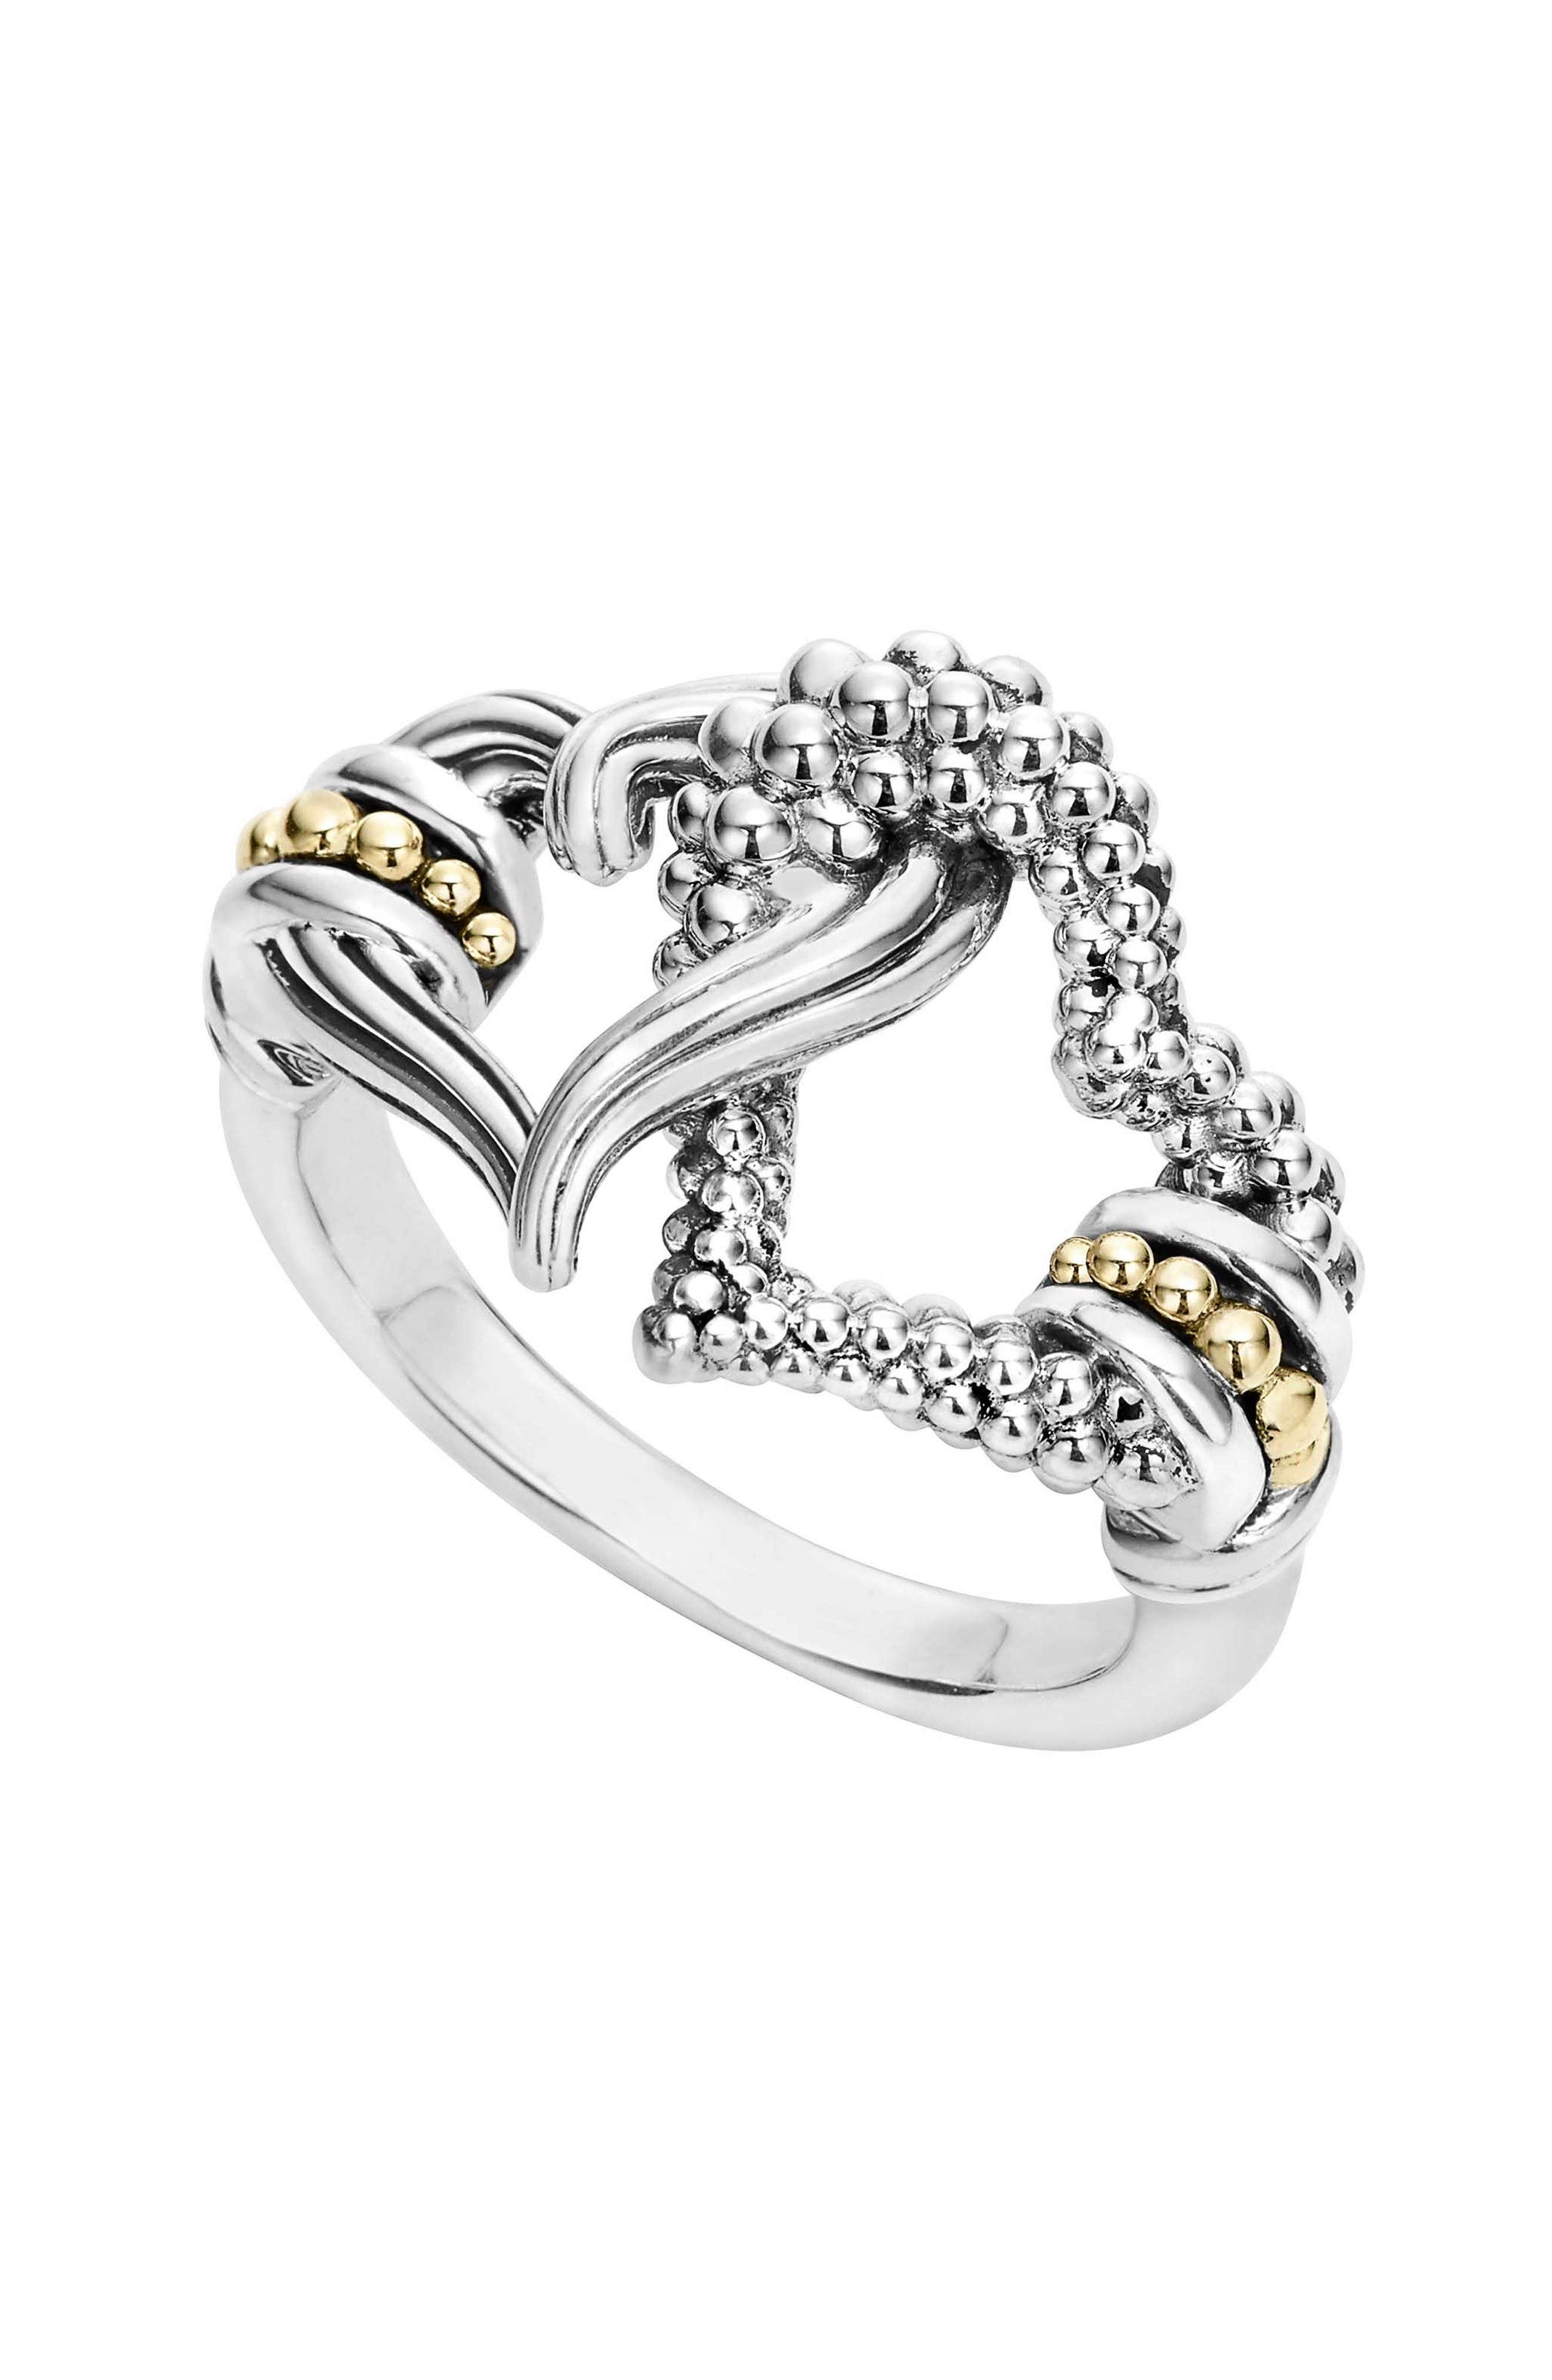 Main Image - LAGOS Beloved Ring